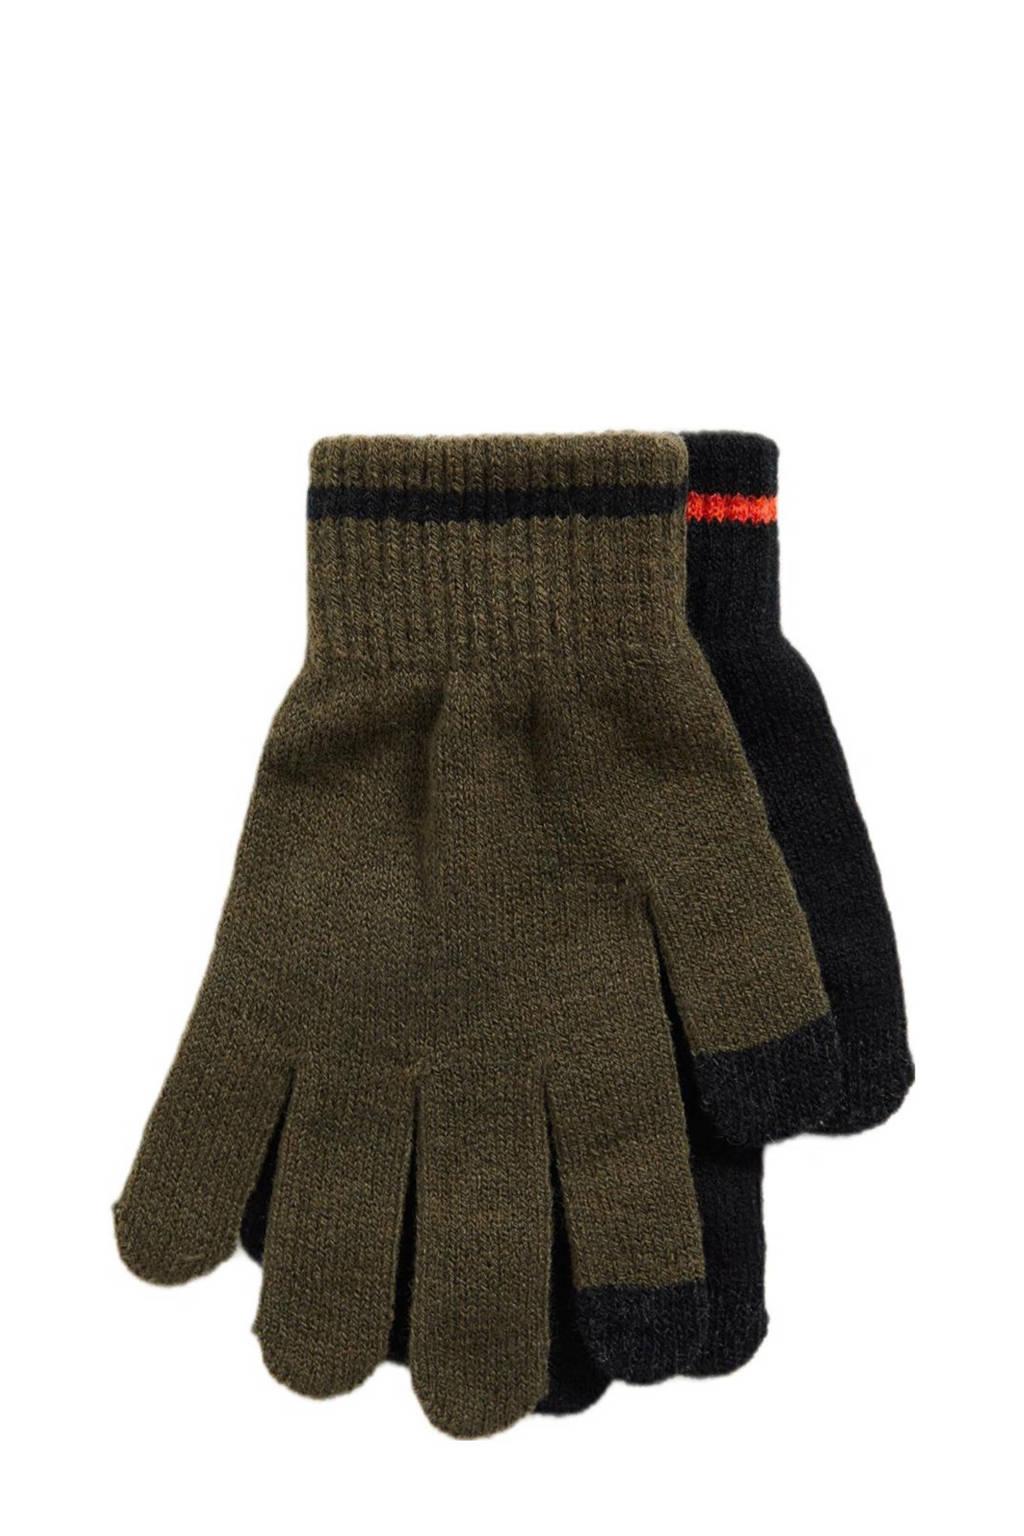 WE Fashion handschoenen - set van 2 zwart/kaki, Zwart/kaki